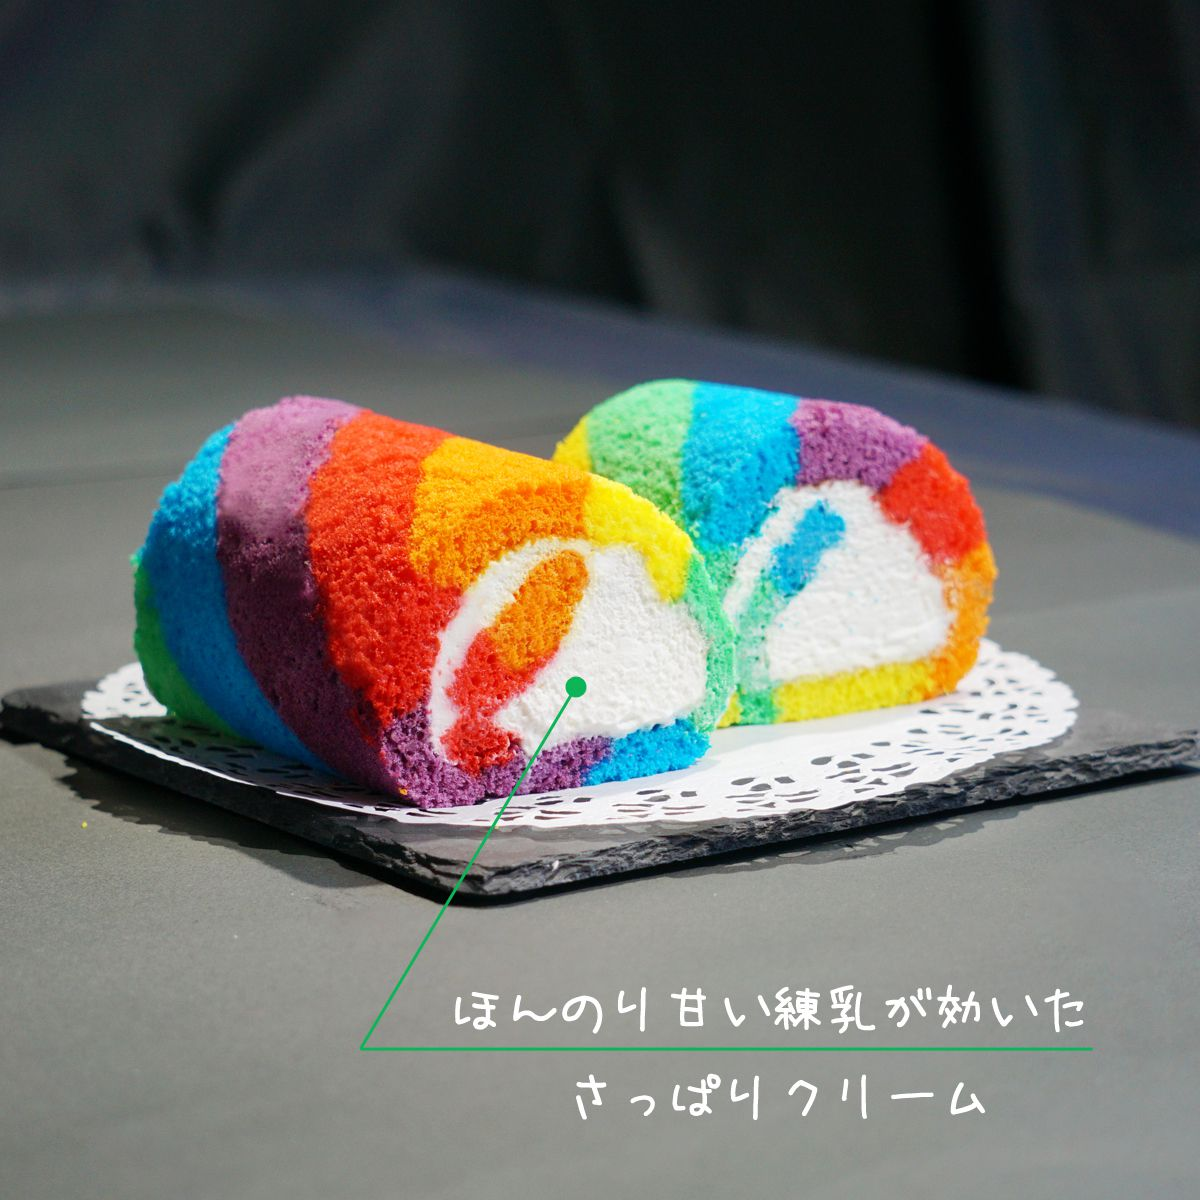 レインボーケーキ